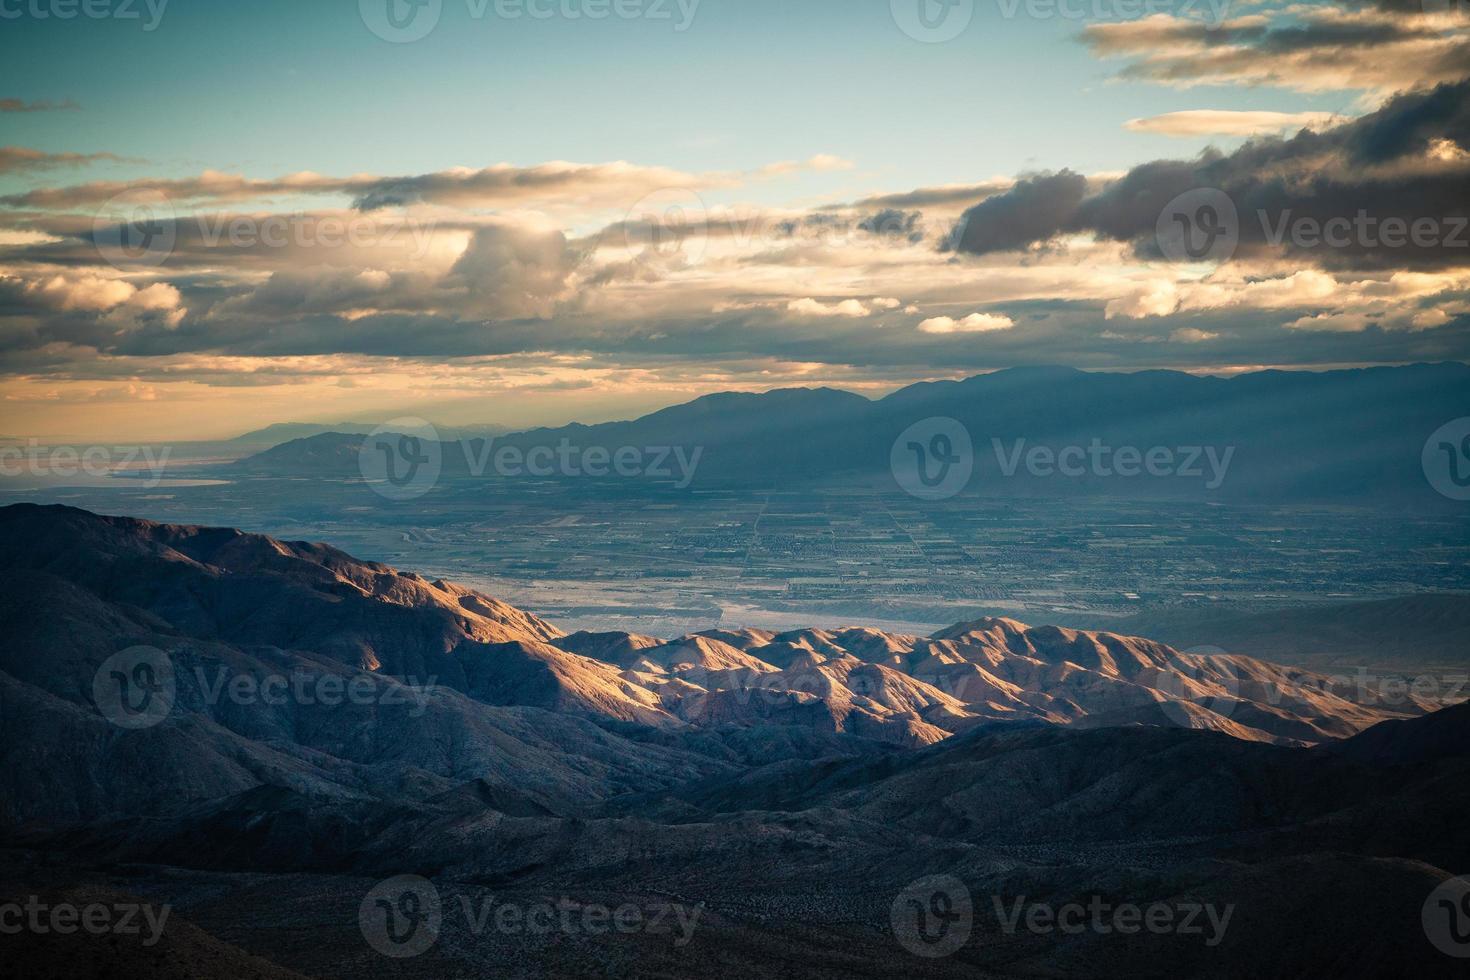 vista da chave, joshua tree national park ponto de vista de coachella foto